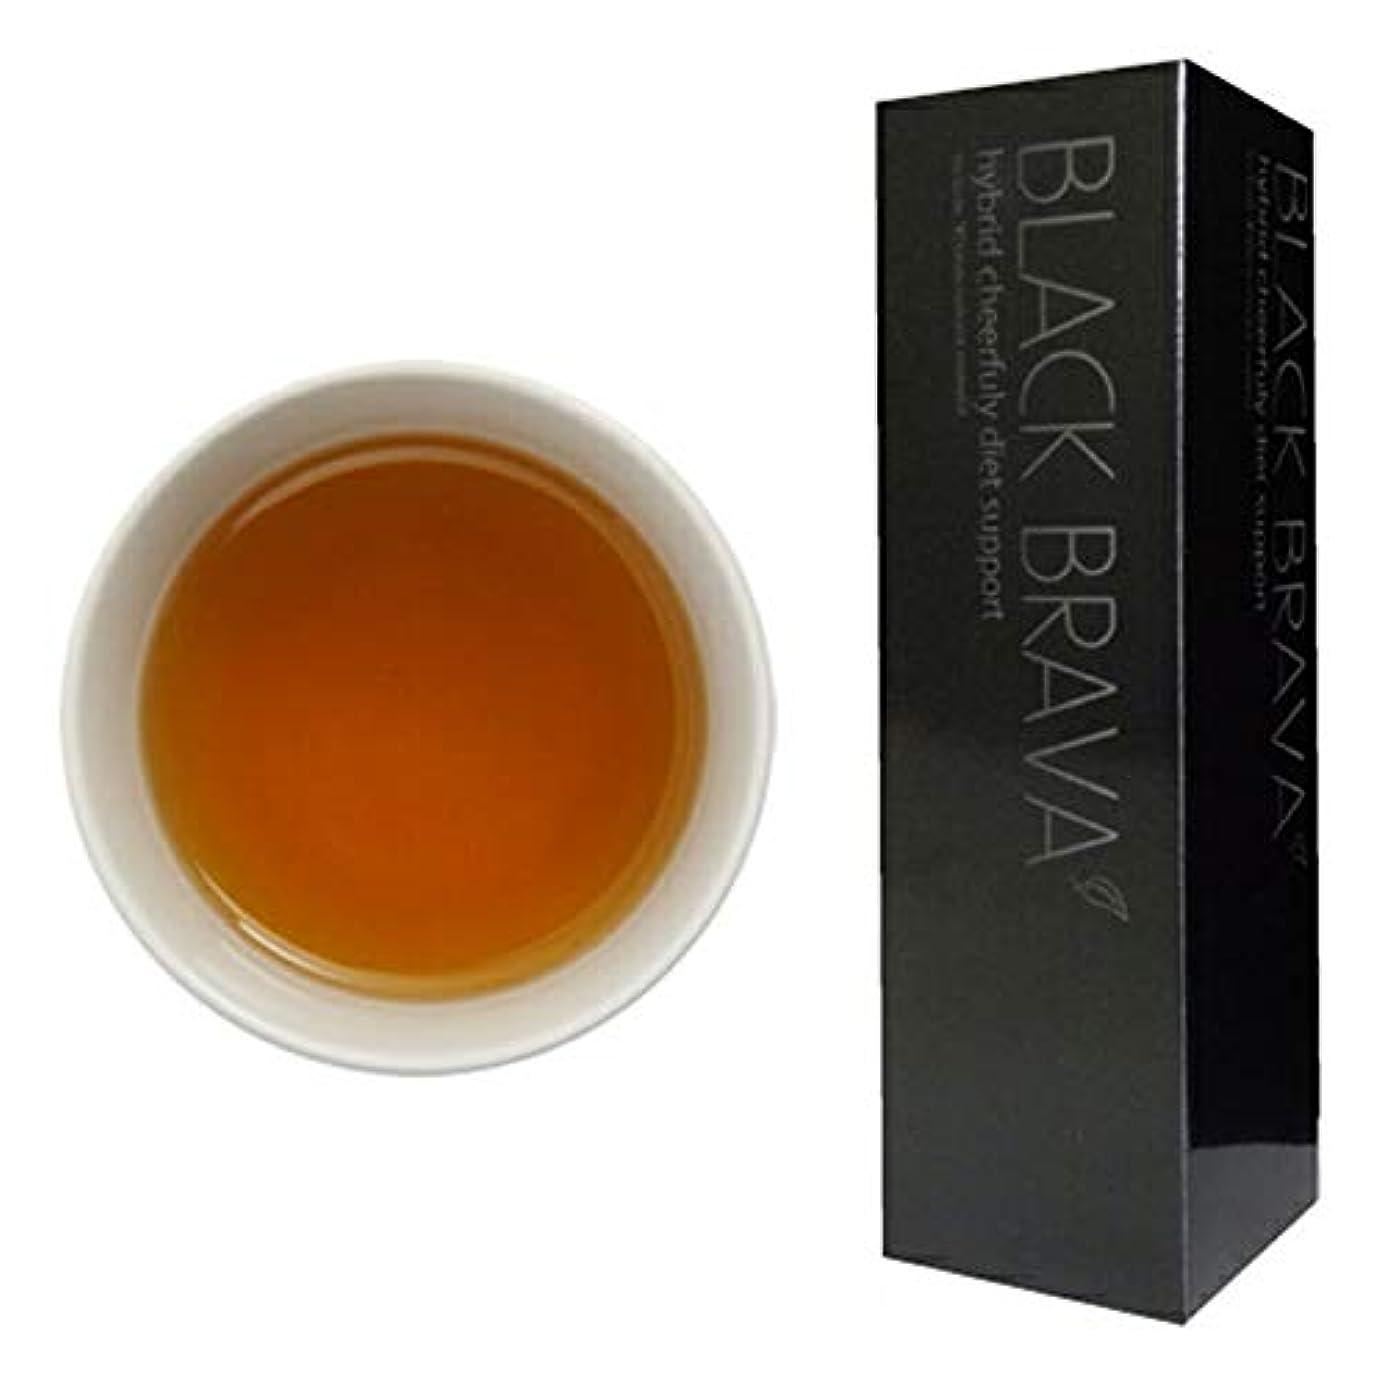 のために後方変わるブラバ が進化 ダイエットティー ハイブリッド チアフリー ダイエットサポート ブラックブラバ ブラバ茶 2本セット